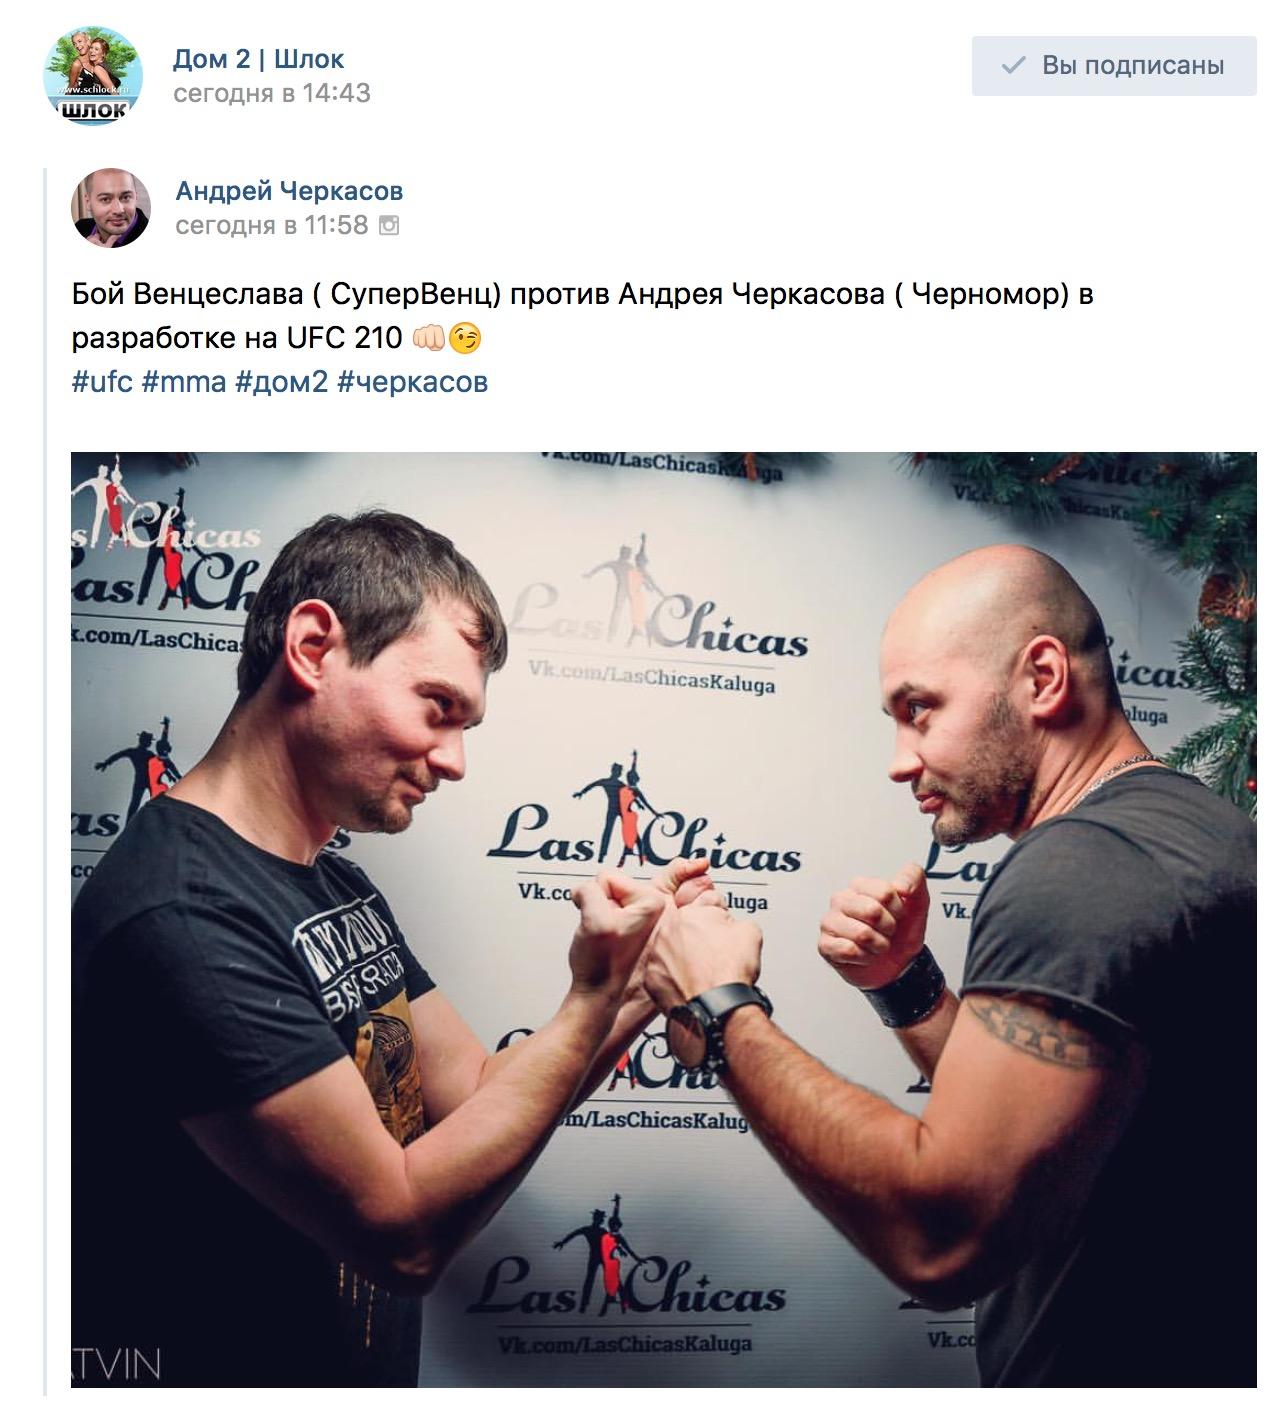 Бой Венцеслава против Андрея Черкасова